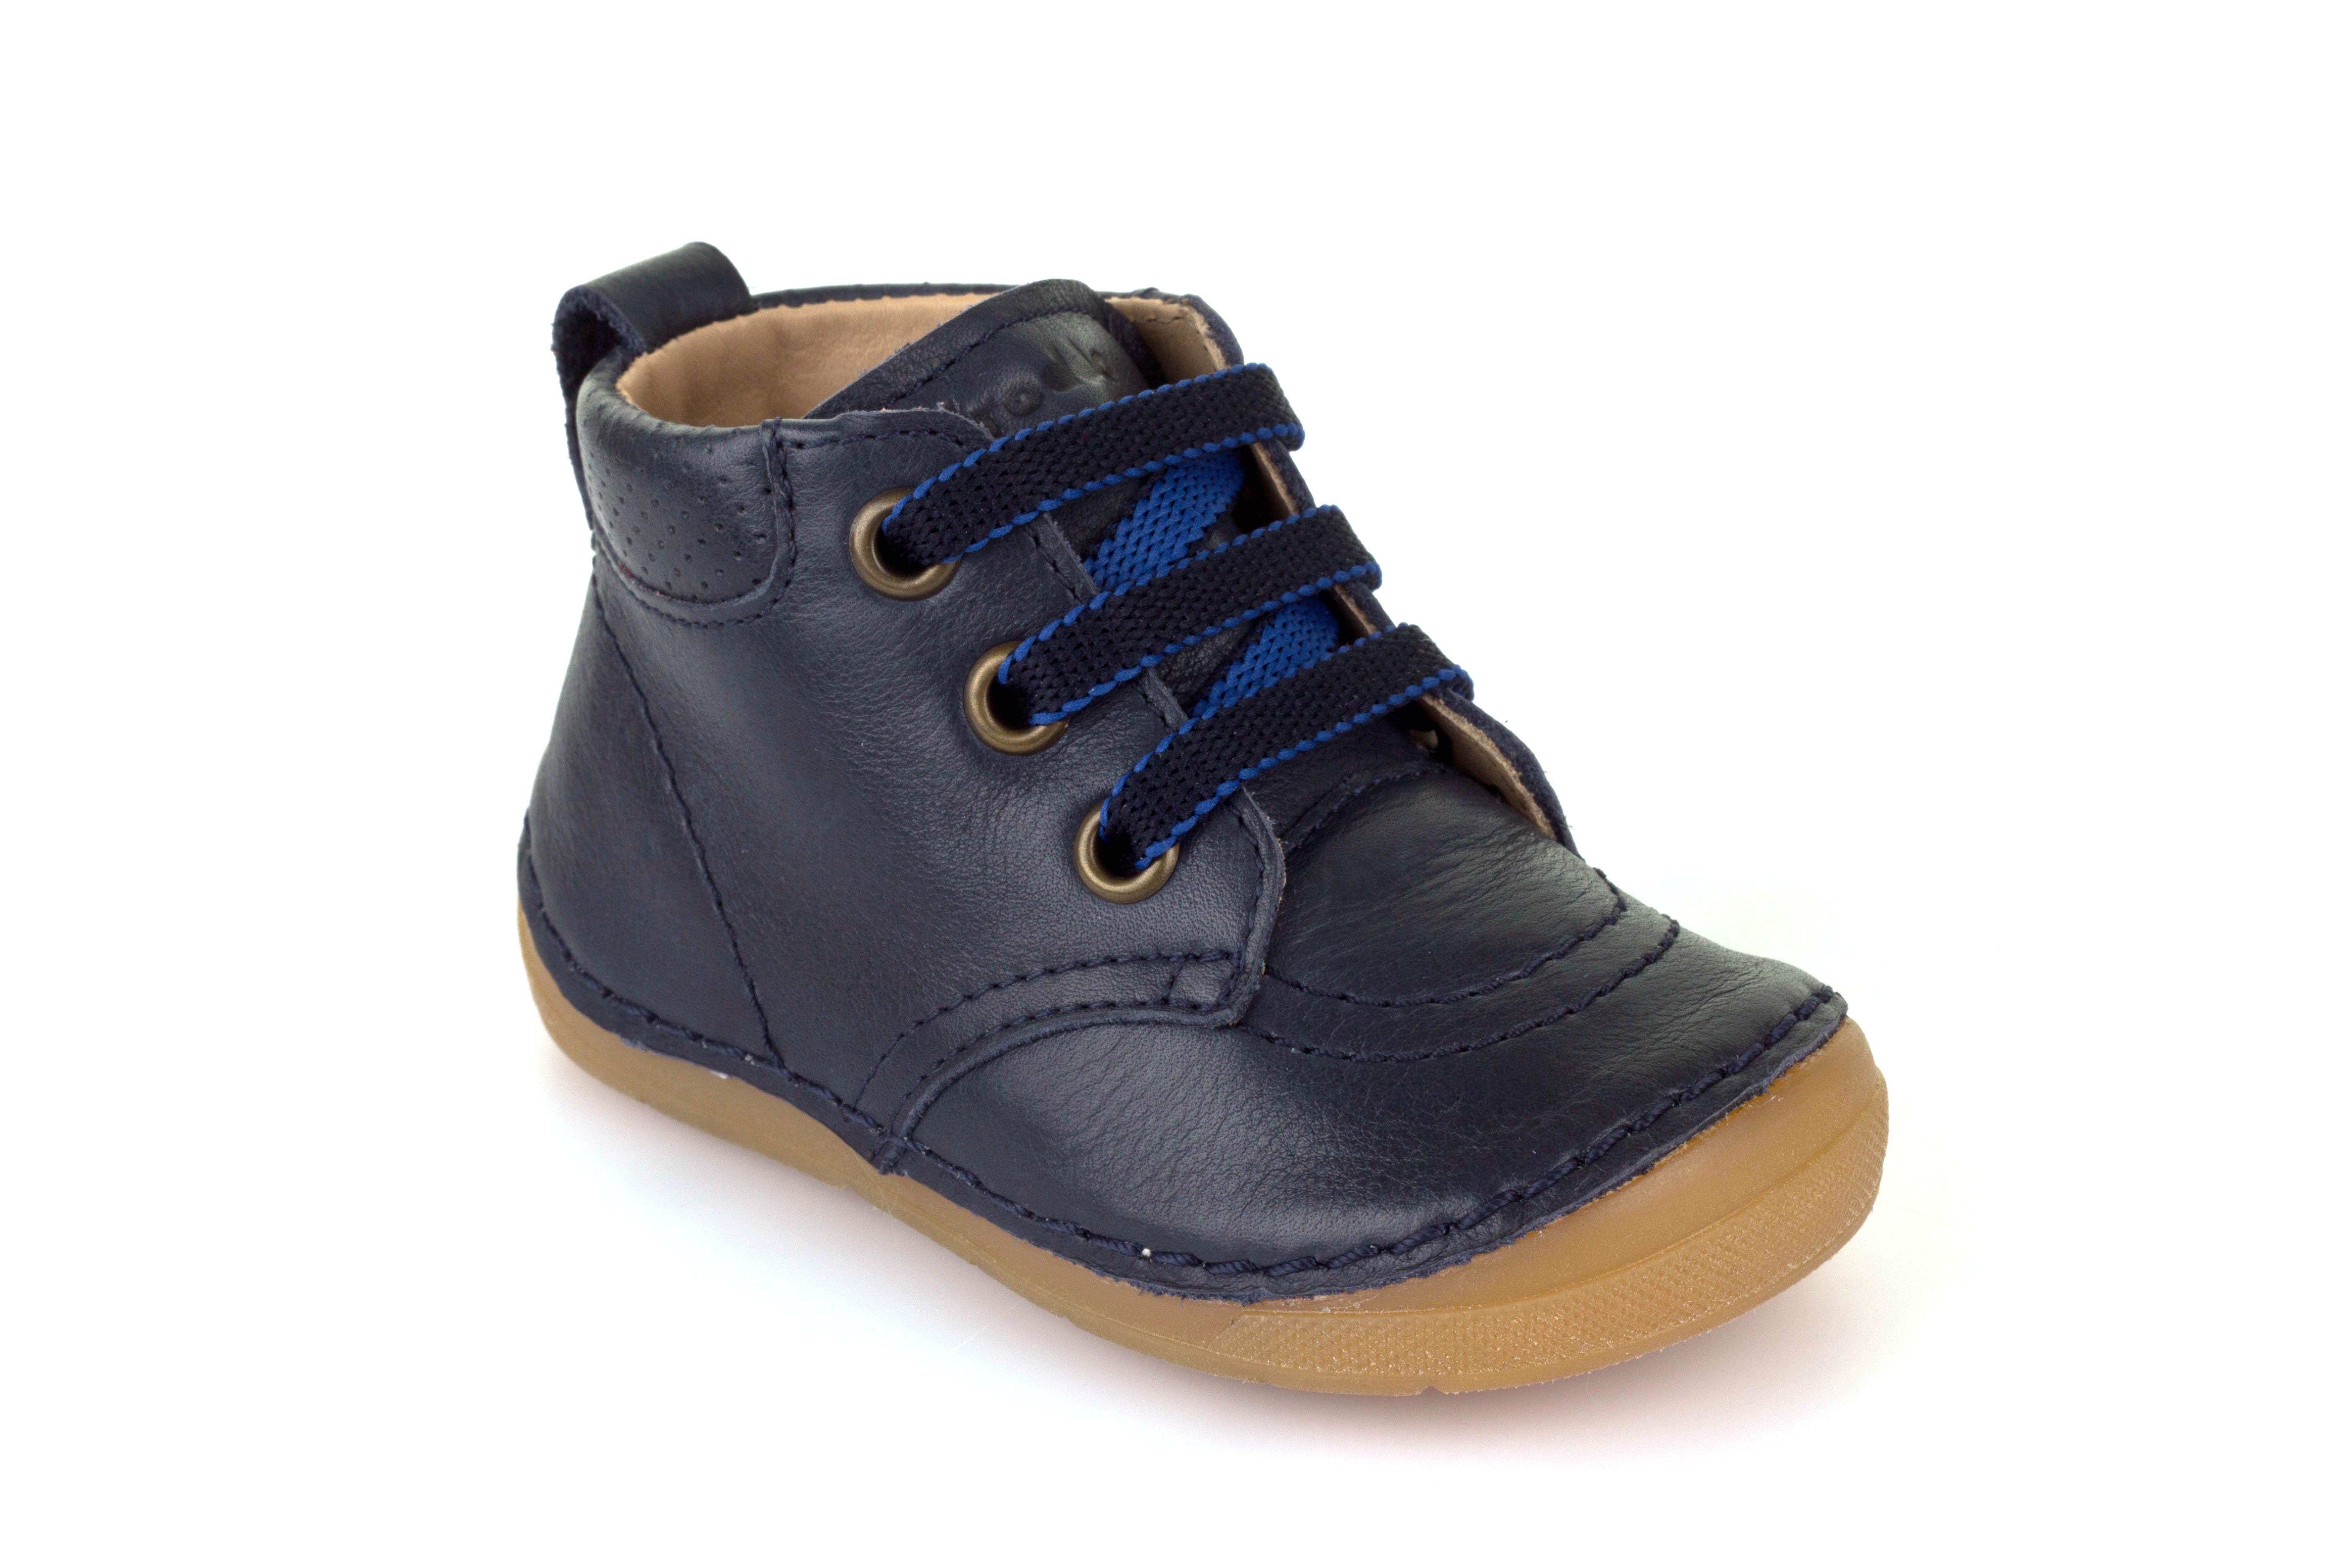 b7c7d422500 dětská kotníková obuv Froddo G2130109